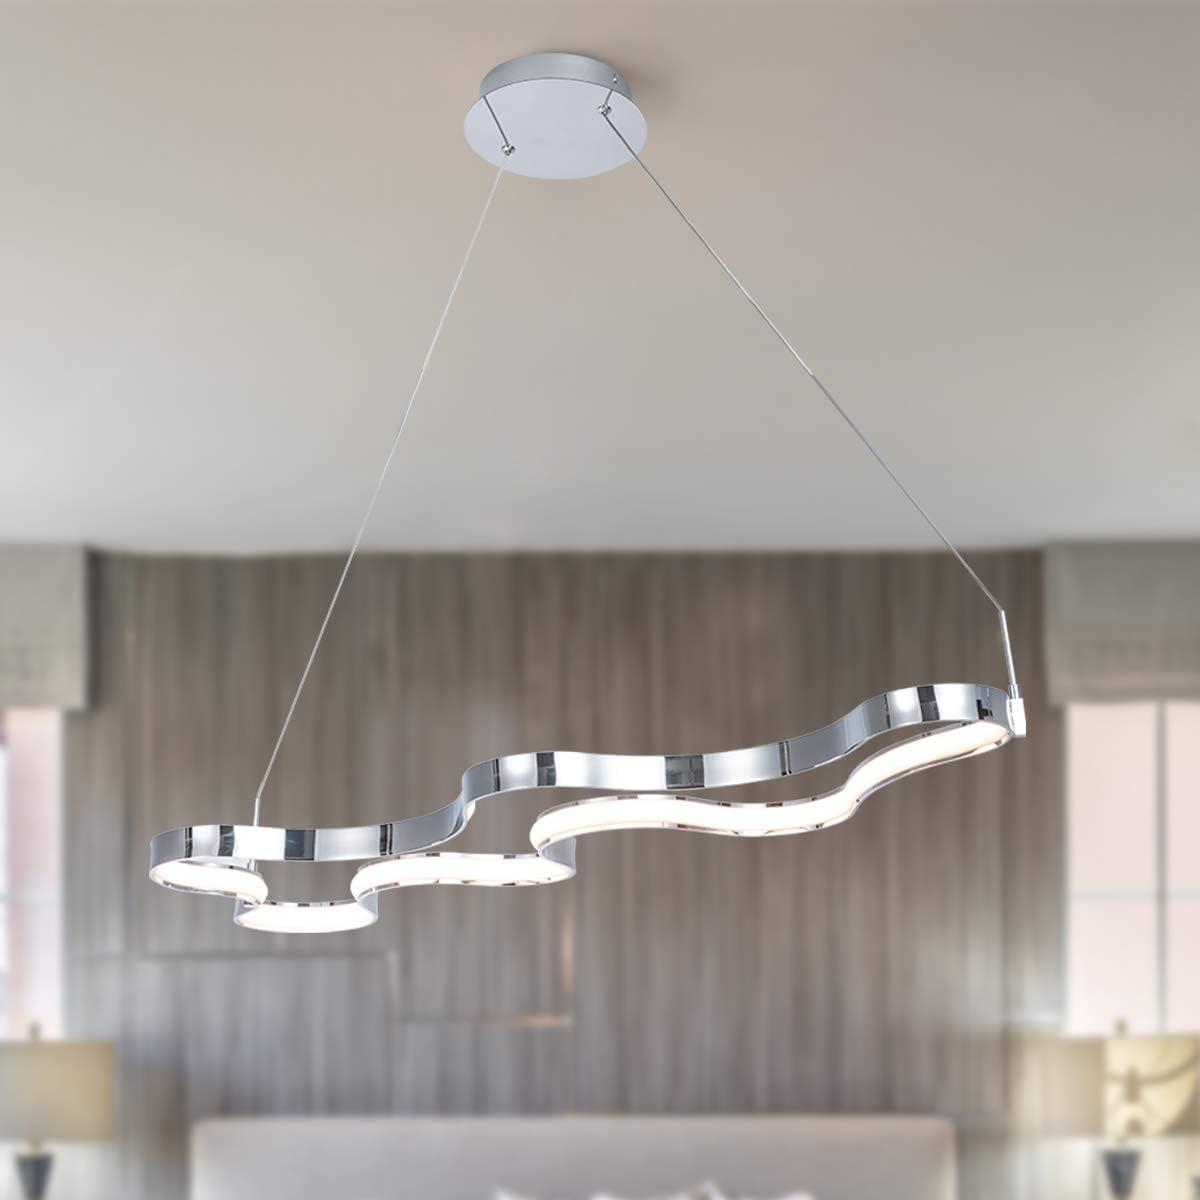 Modern Chandelier Not Dimmable LED Pendant Light Adjustable 1 Ring Creative Pendant Chandelier Fixture for Living Room Bedroom Foyer, CRI 90, Warm White 3000K, Chrome, by HL